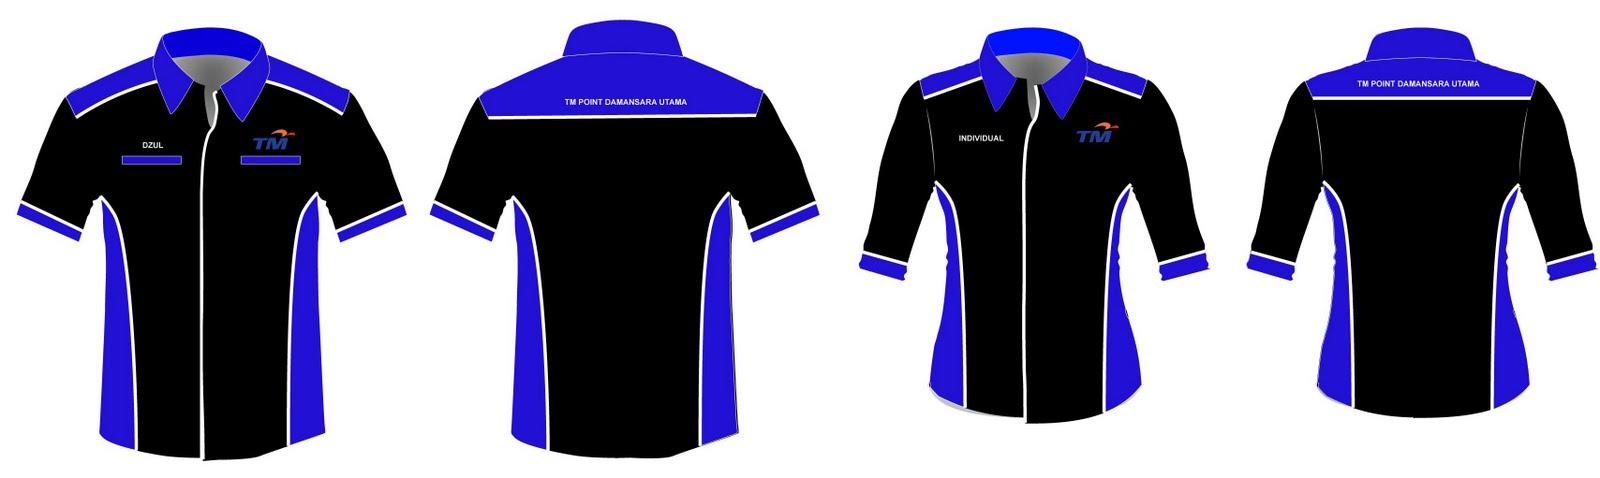 F1 Shirt Design Template Somurich Com